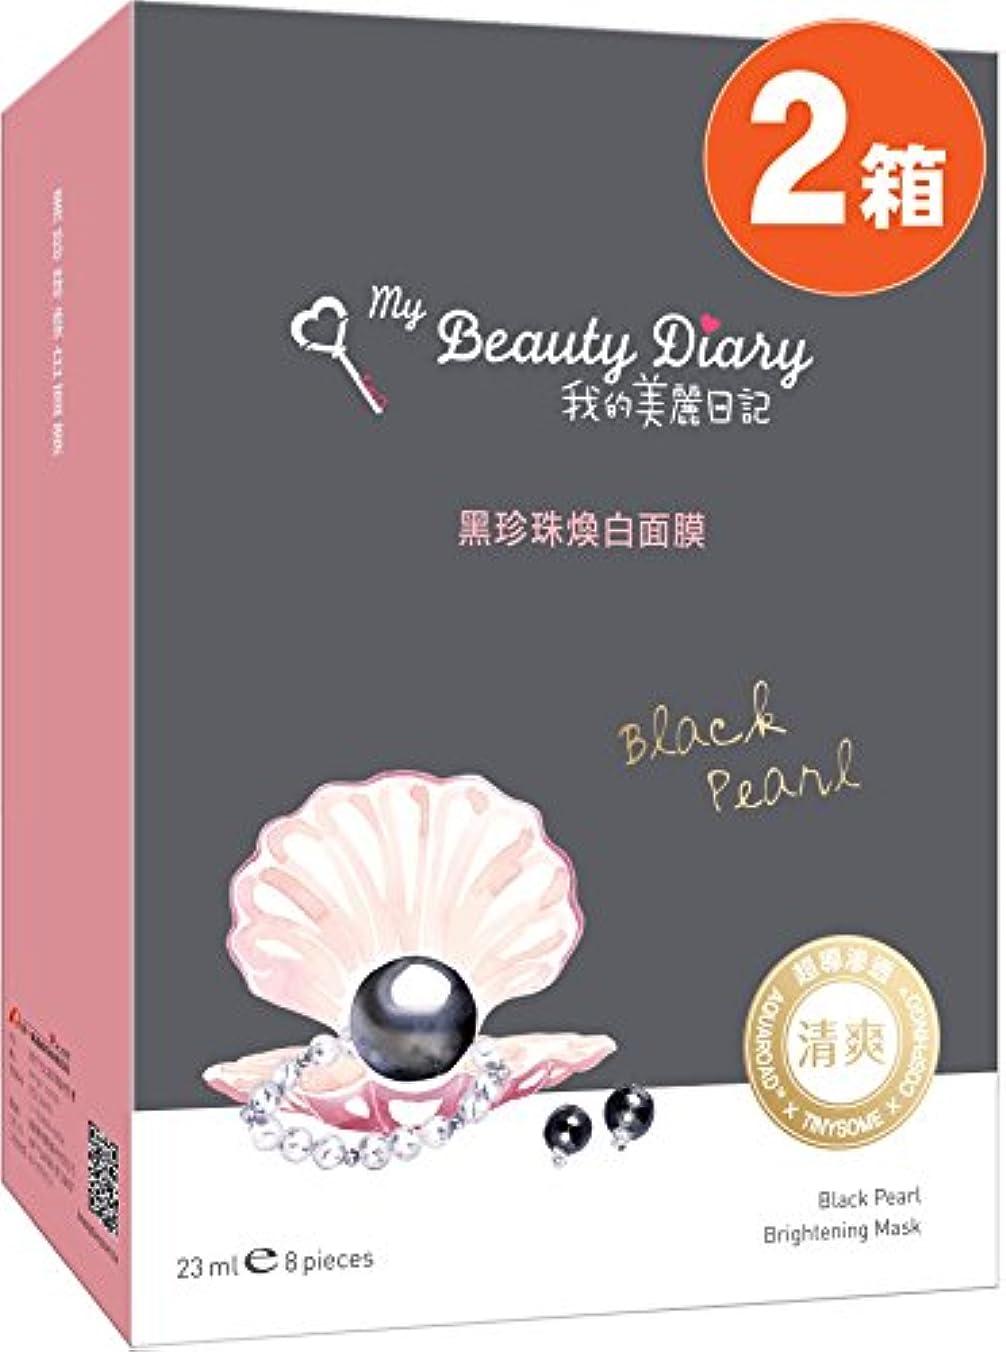 スラム街蒸発する破裂我的美麗日記 私のきれい日記 黒真珠マスク 8枚入り x 2個 [並行輸入品]